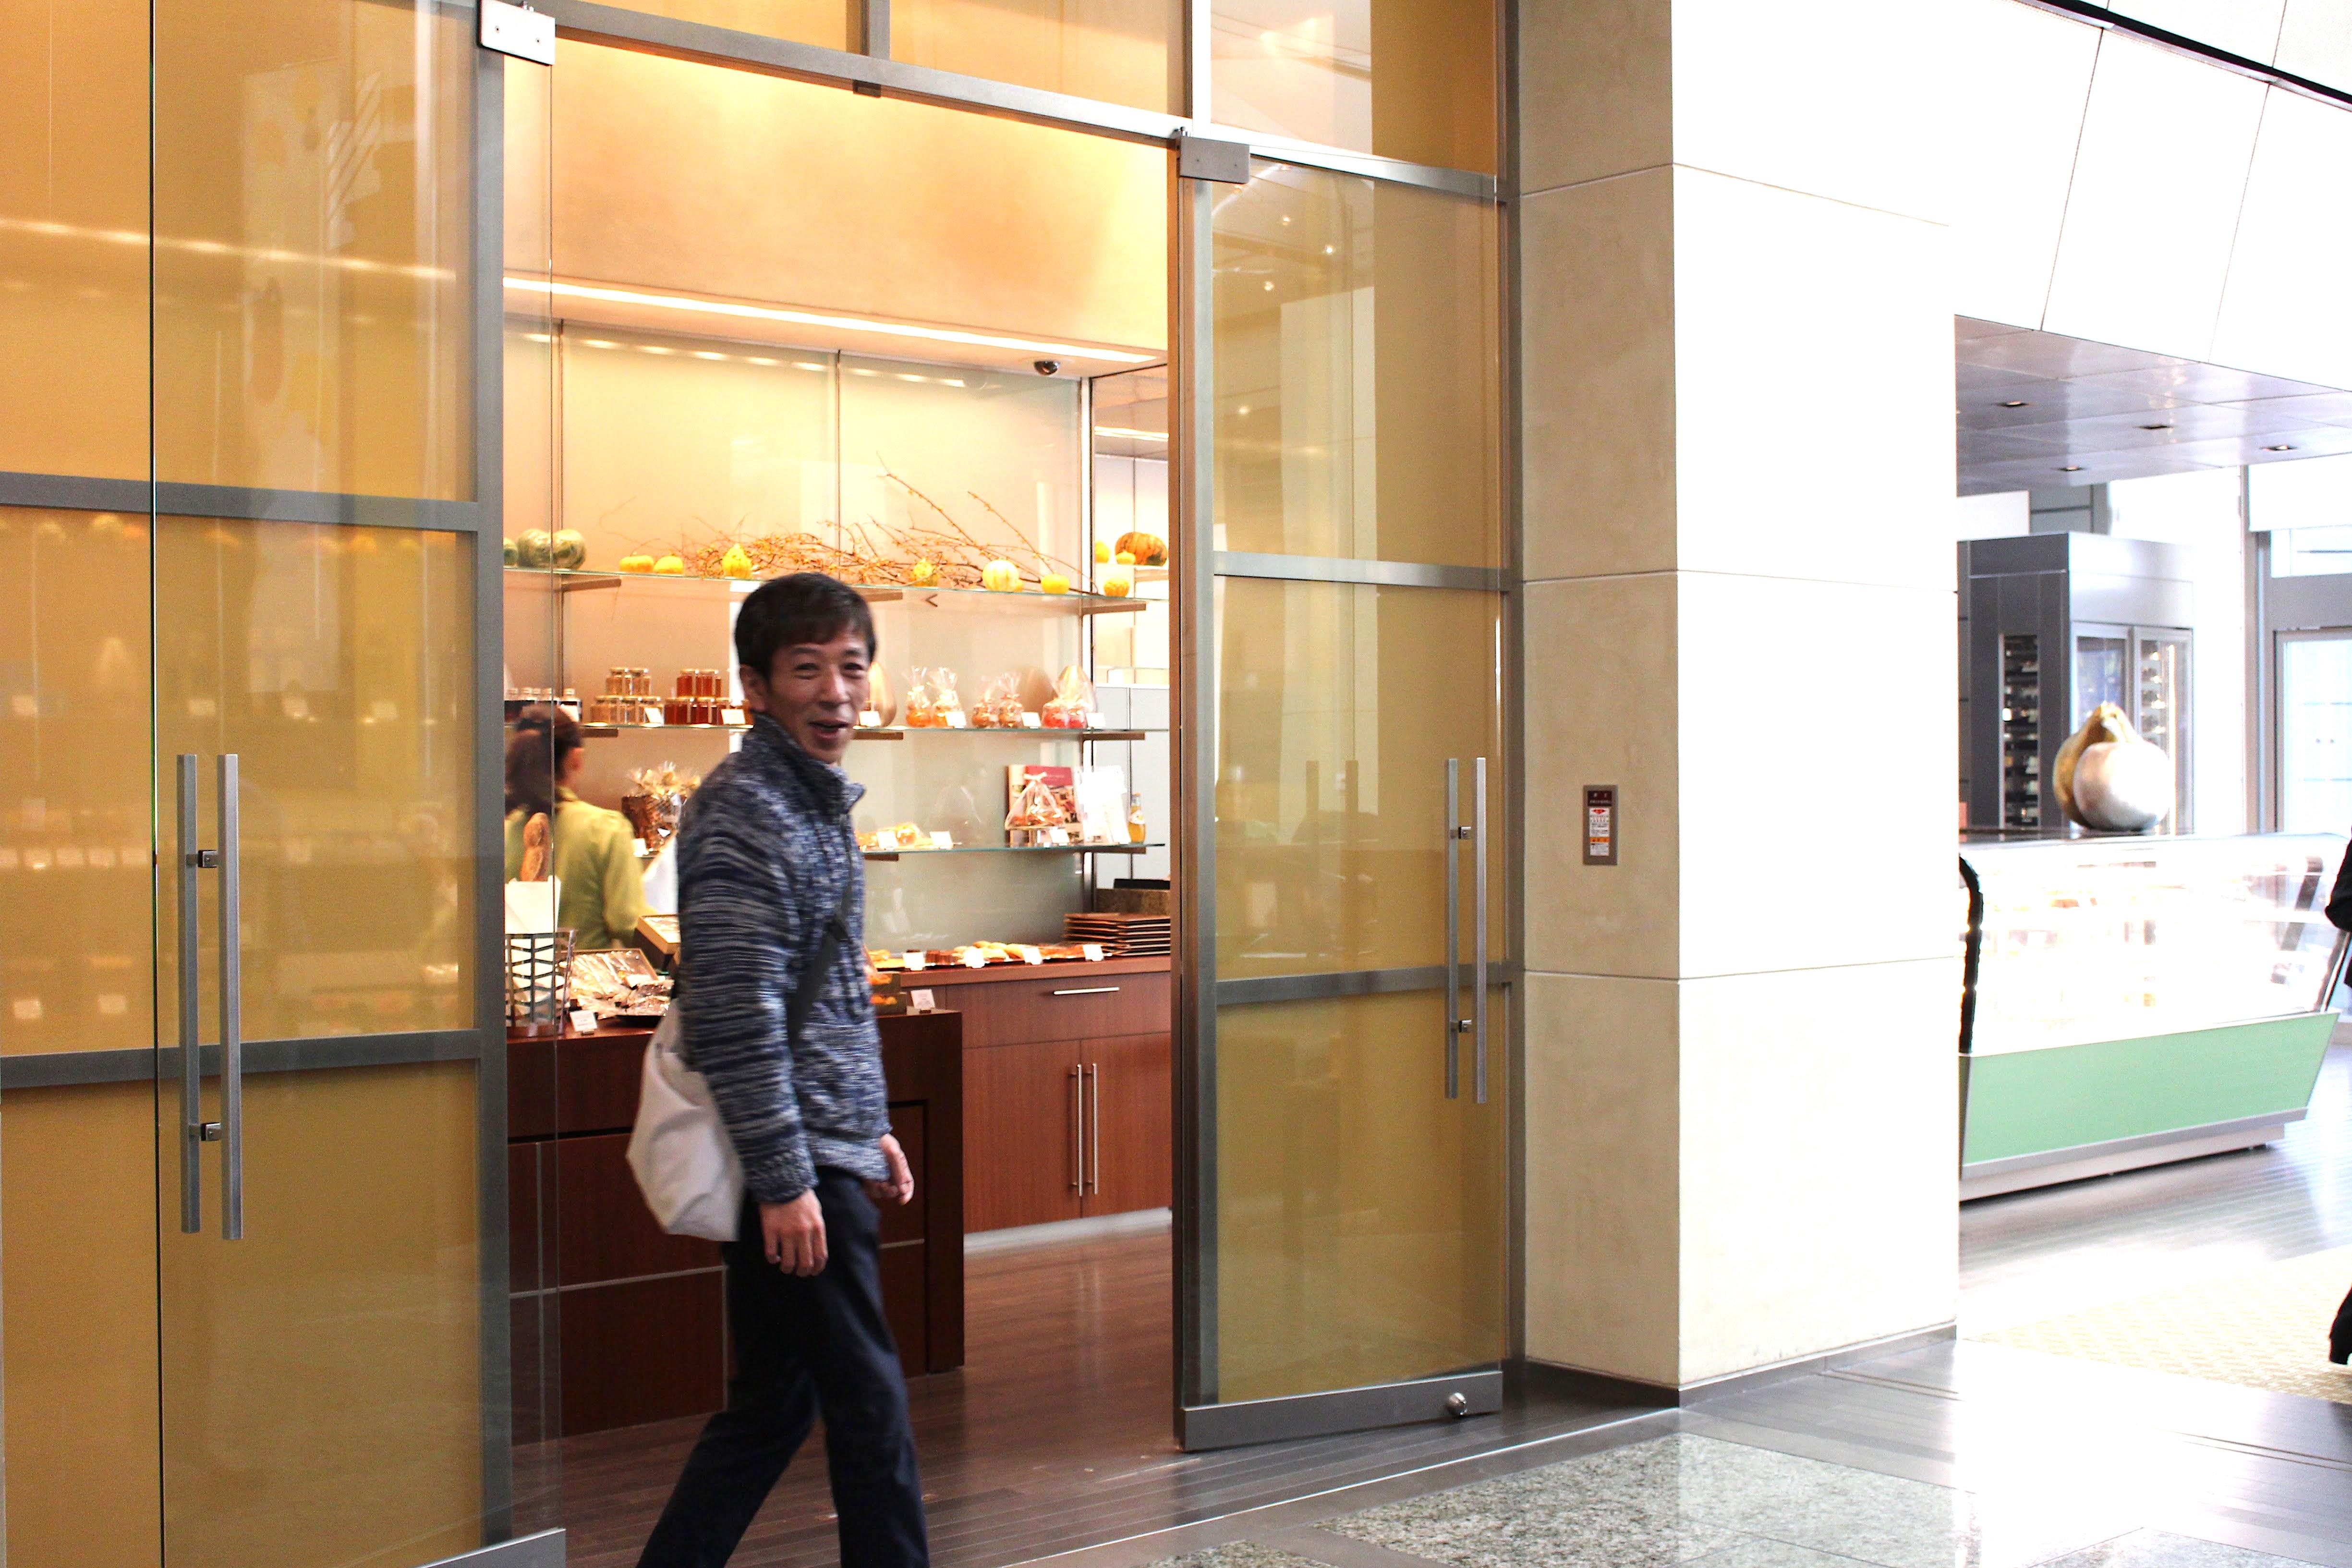 足取り早くお店へと向かうTakahashiさん。